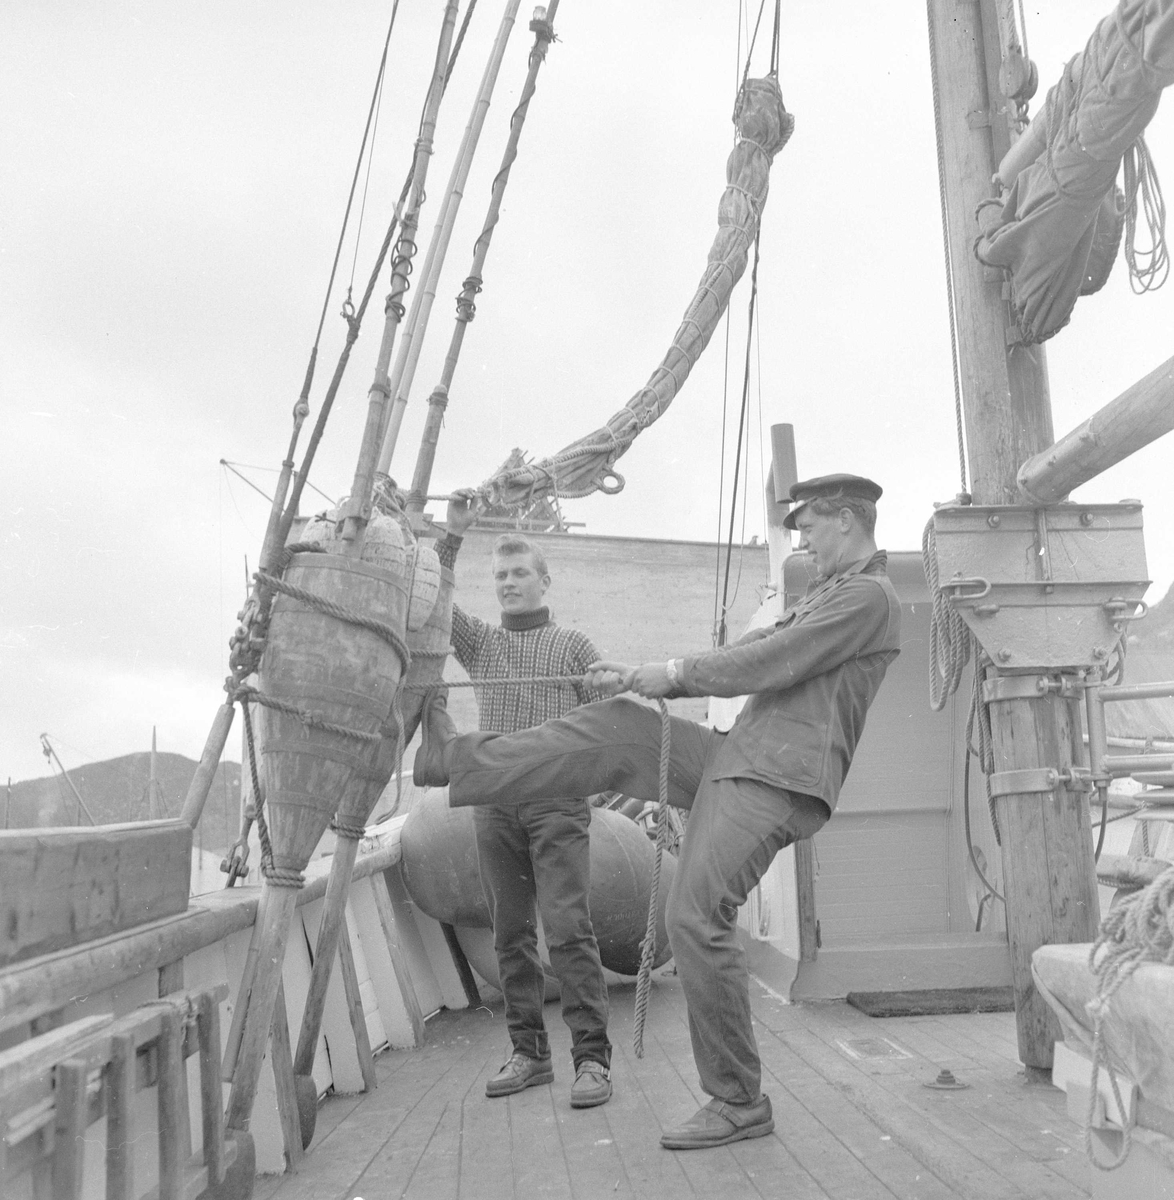 Pigghåfiske på Shetland.Shetland, 14-22. mai 1958, aktiviteter på dekk.